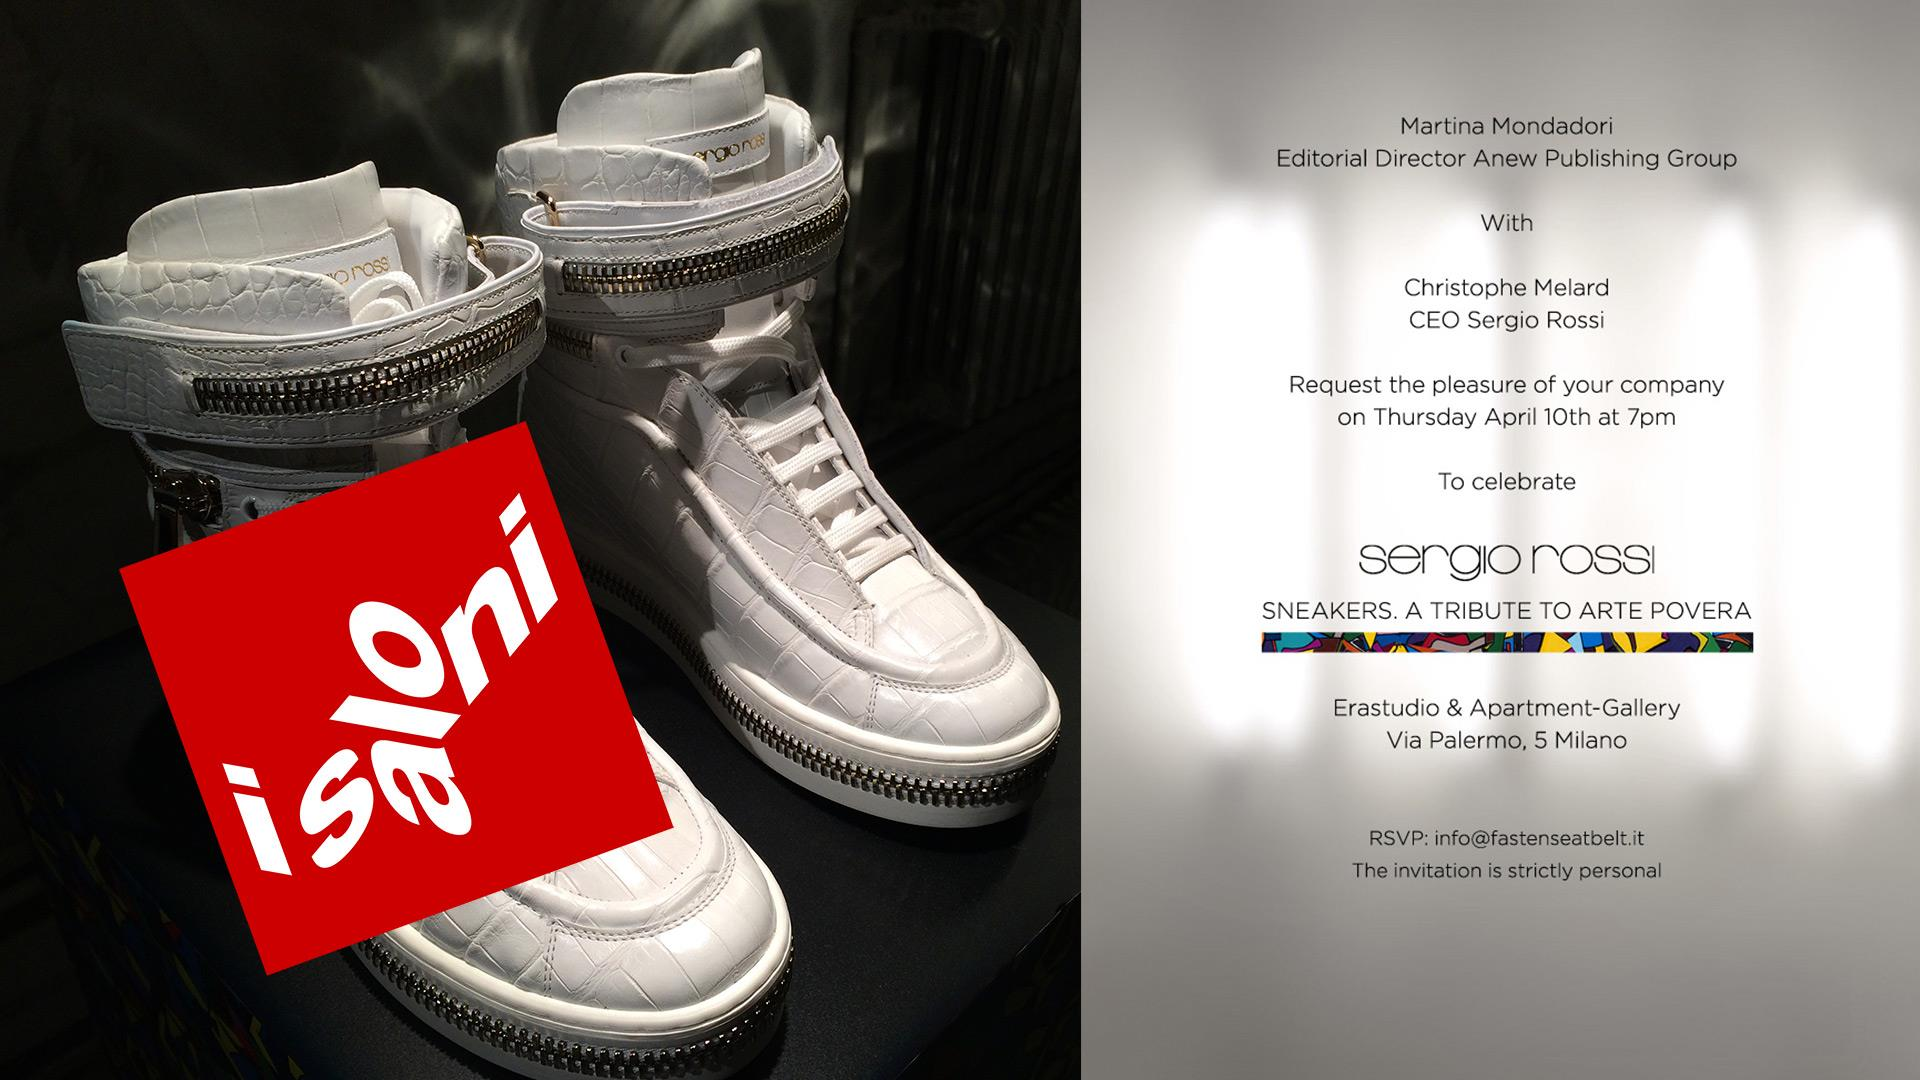 fuorisalone-2014-sergio-rossi-presenta-sneakers-a-tribute-to-arte-povera-1920x1080.jpg ddcc2b5e2ea